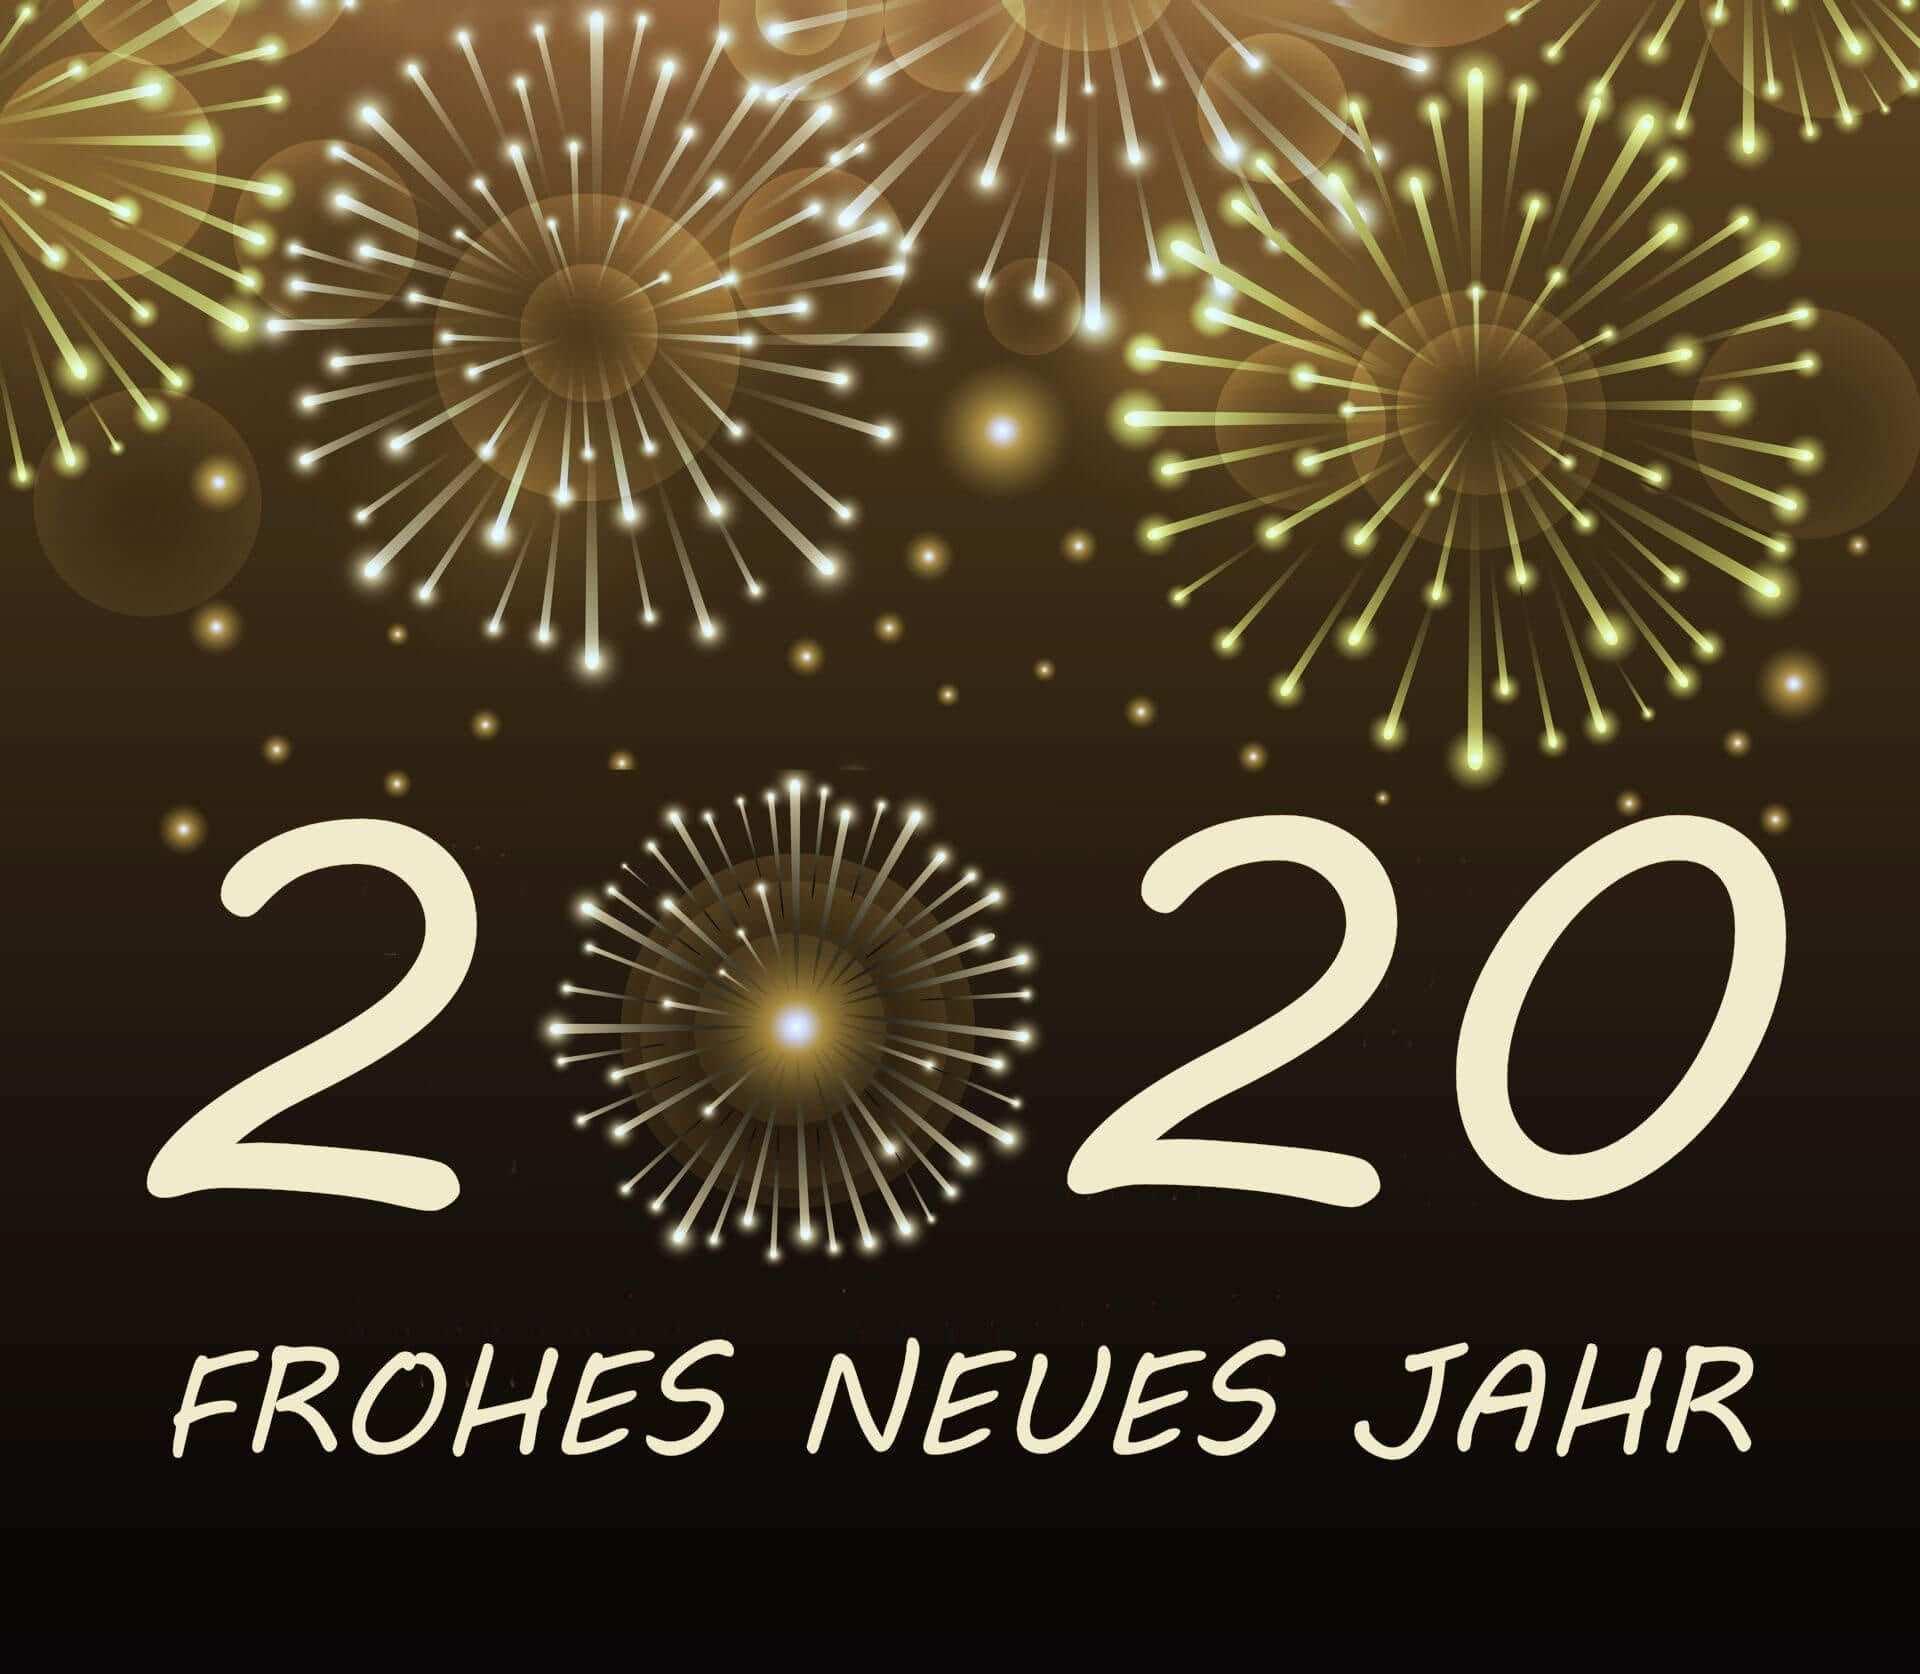 Neujahrswunsche 2020 In Englischer Sprache Neujahrswunsche 2020 In Englischer Sprache 30 Wege Zum Neujahrswunsche Frohes Neues Jahr Silvester Wunsche